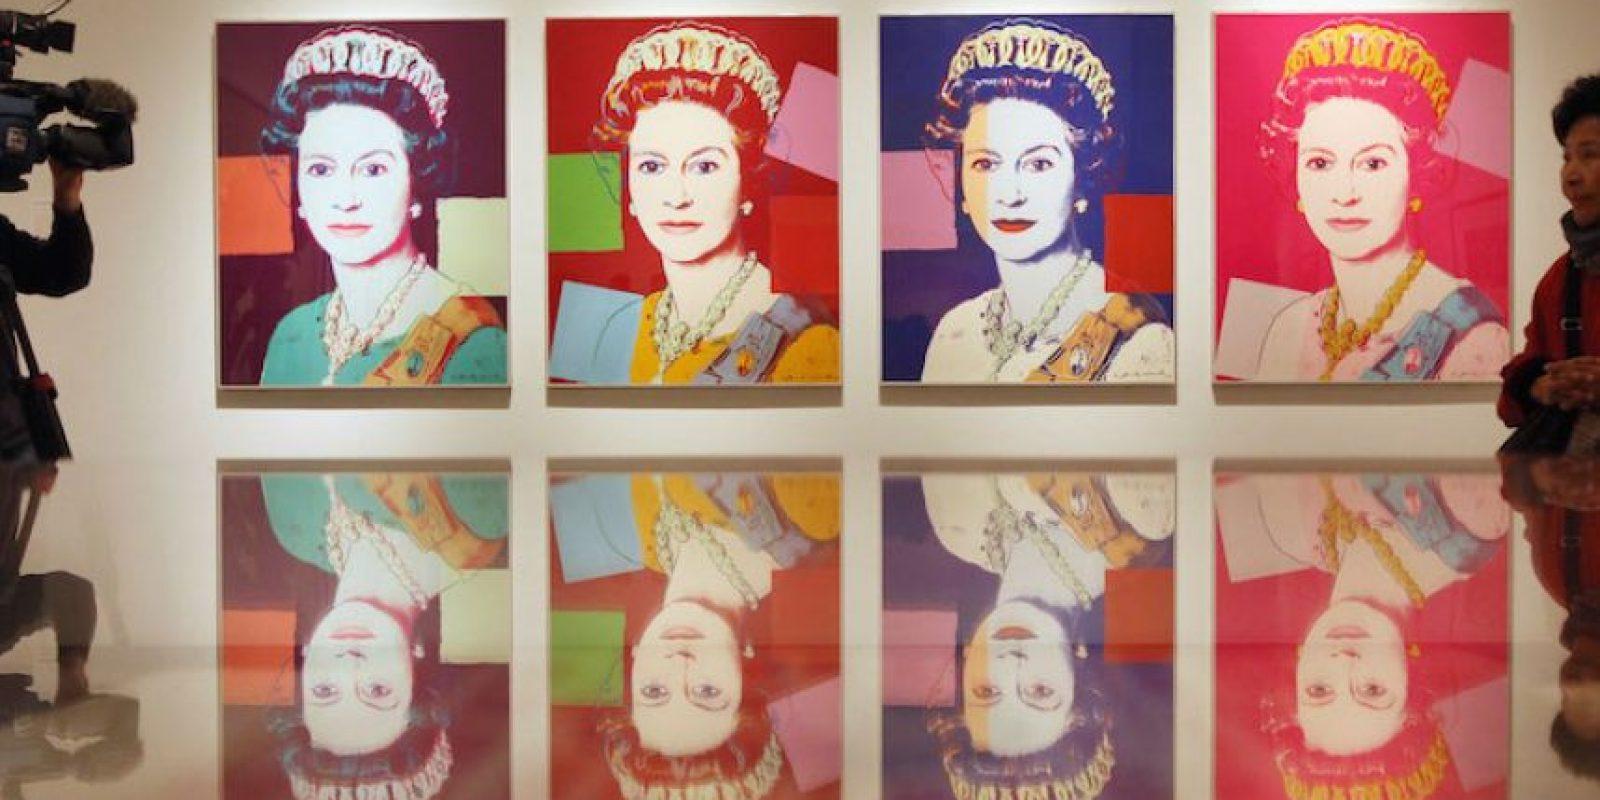 El lugar donde se pueden observar retratos de ilustres personalidades adoptó la prohibición. Foto:Getty Images